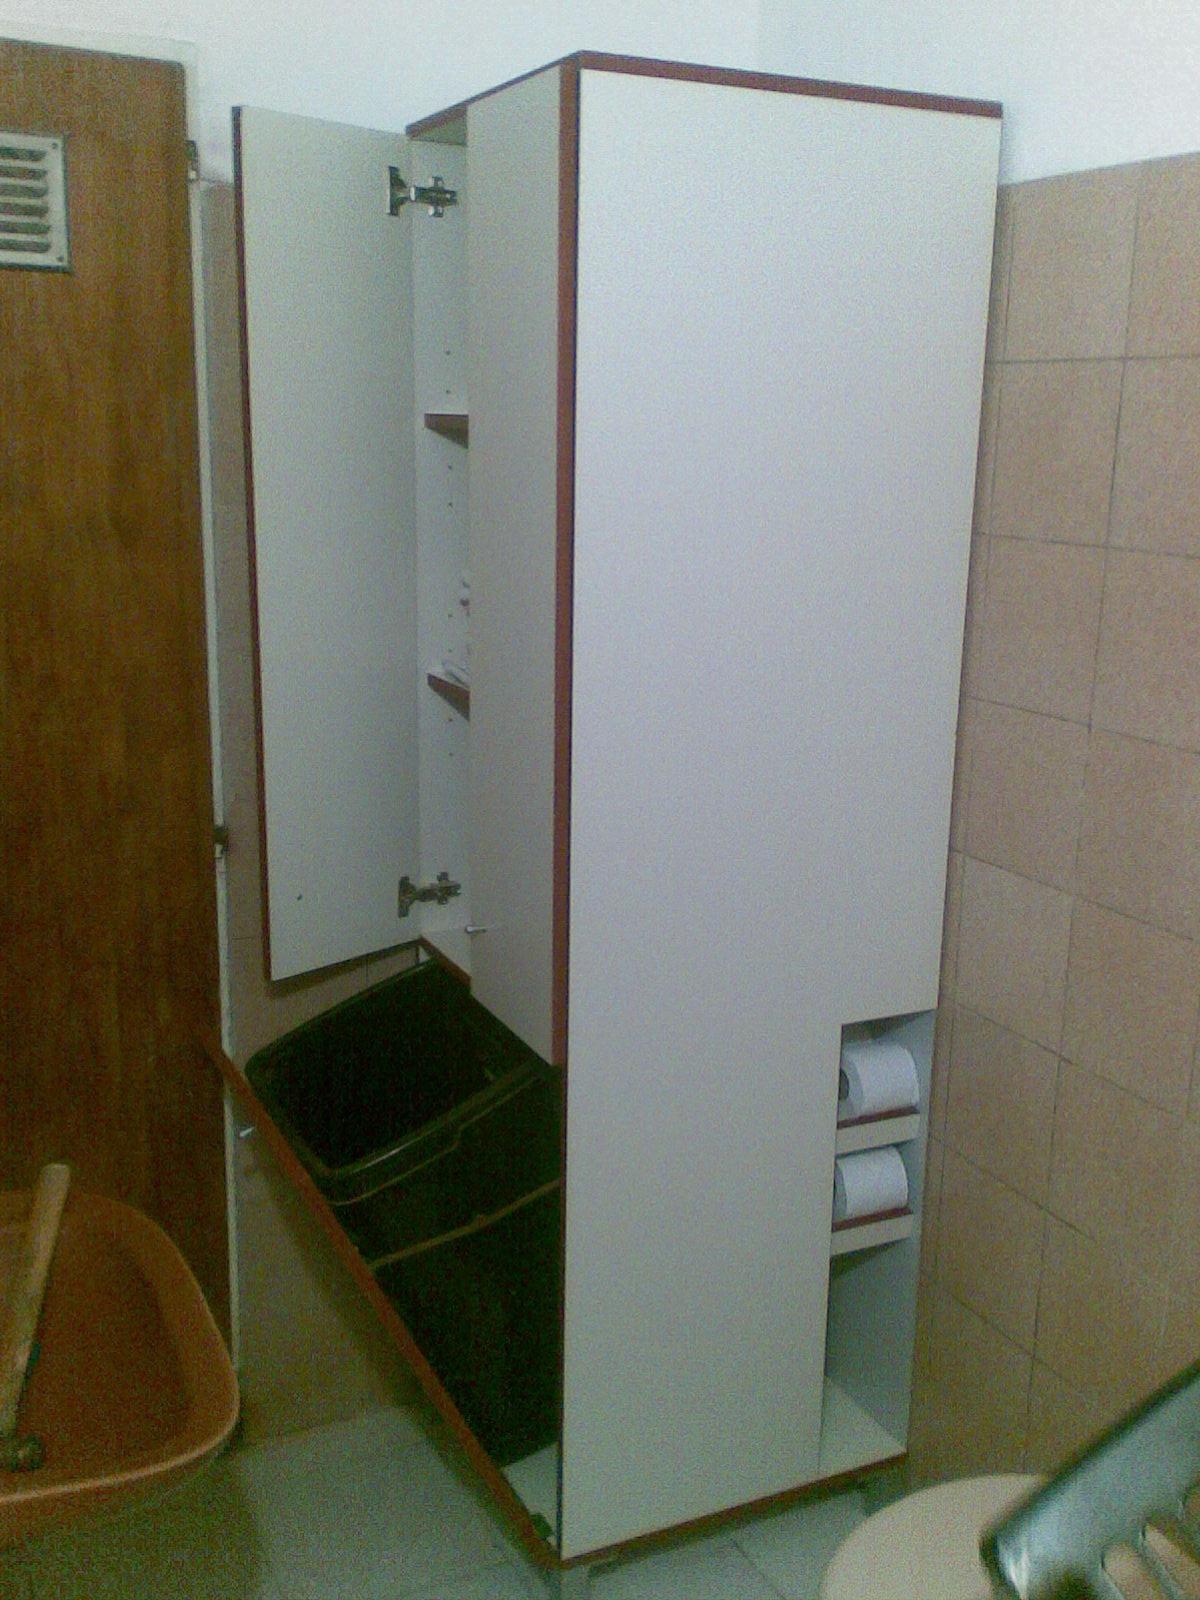 Garcia fuster amoblamientos linea hogar mueble toallero para ba o - Toallero para bano ...